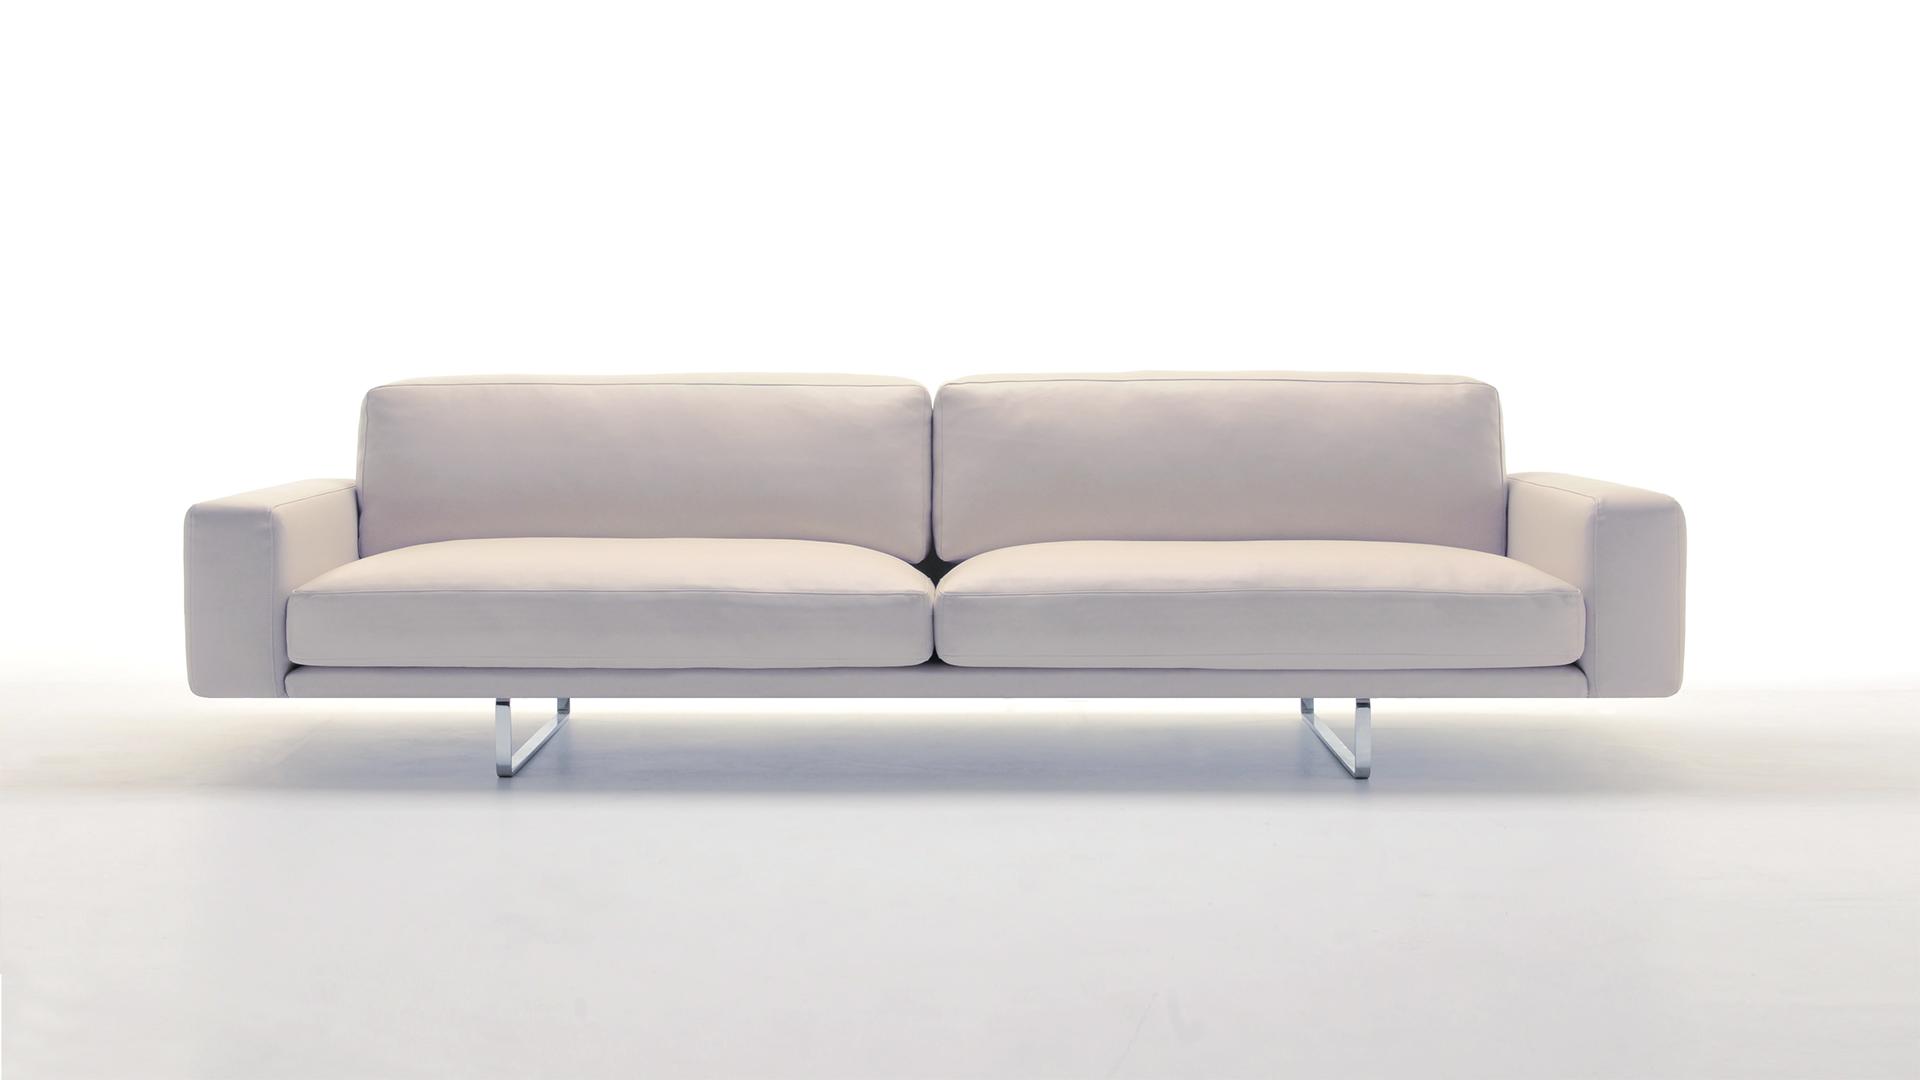 divano-lineare-di-design-matt-murtarelli